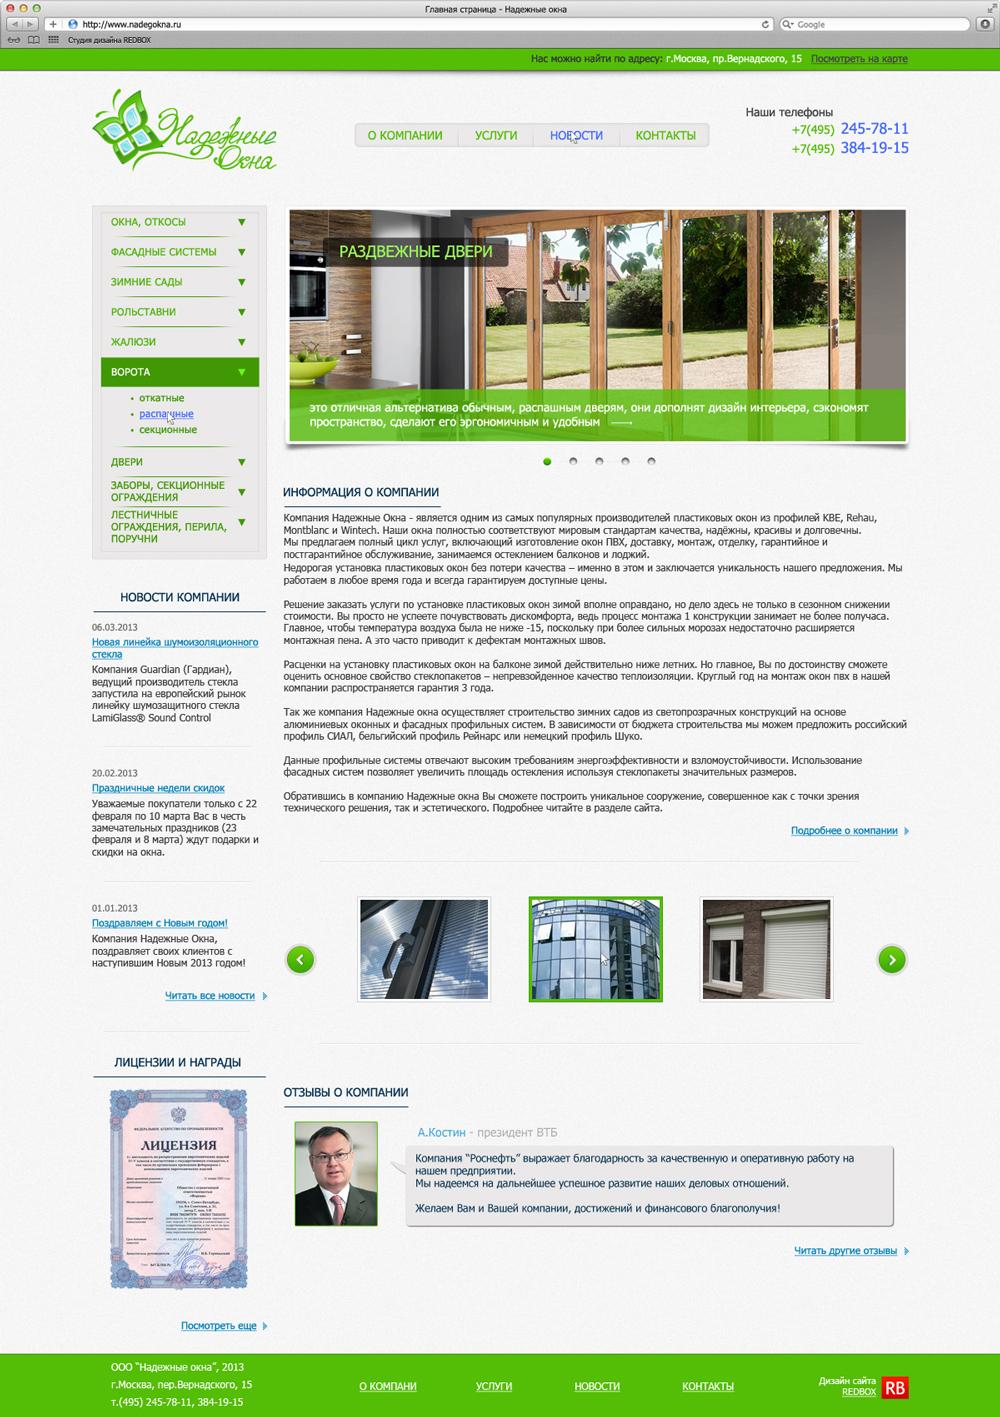 Главная страница сайта компании по продаже пластиковых окон